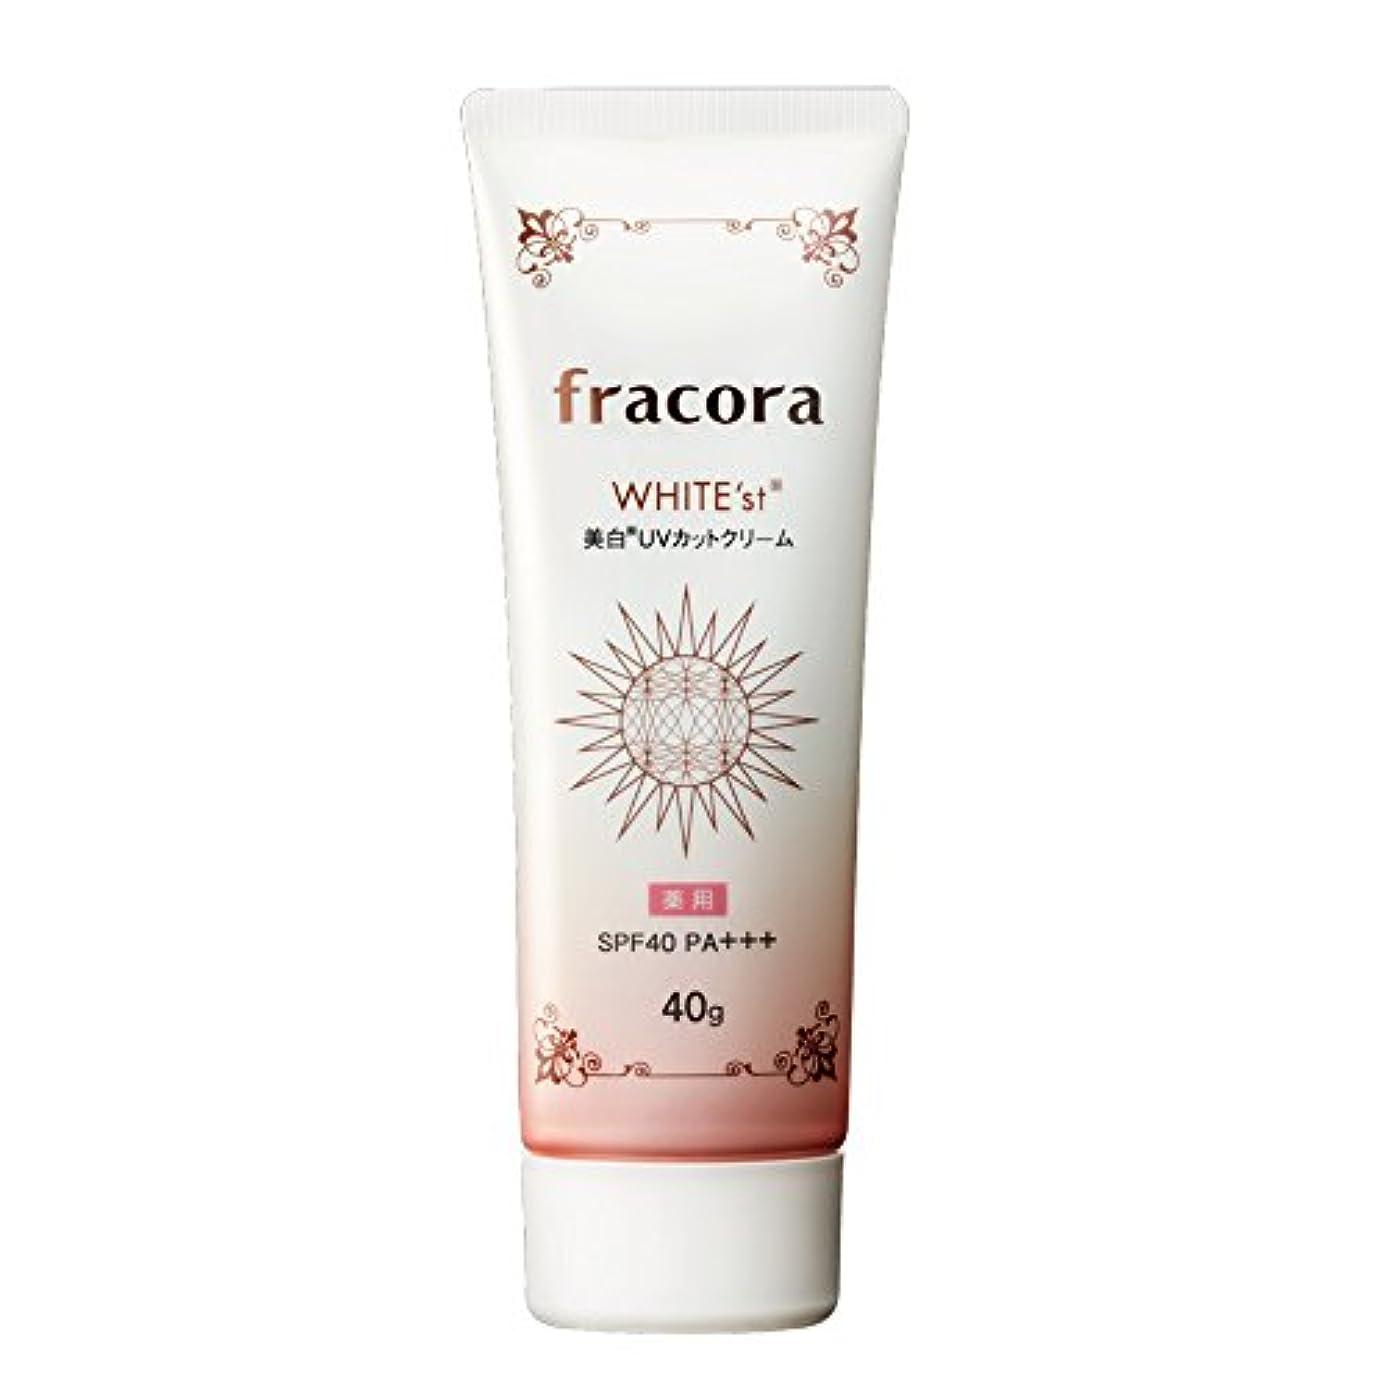 天国年金湿度fracora(フラコラ) ホワイテスト 美白UVカットクリーム 40g